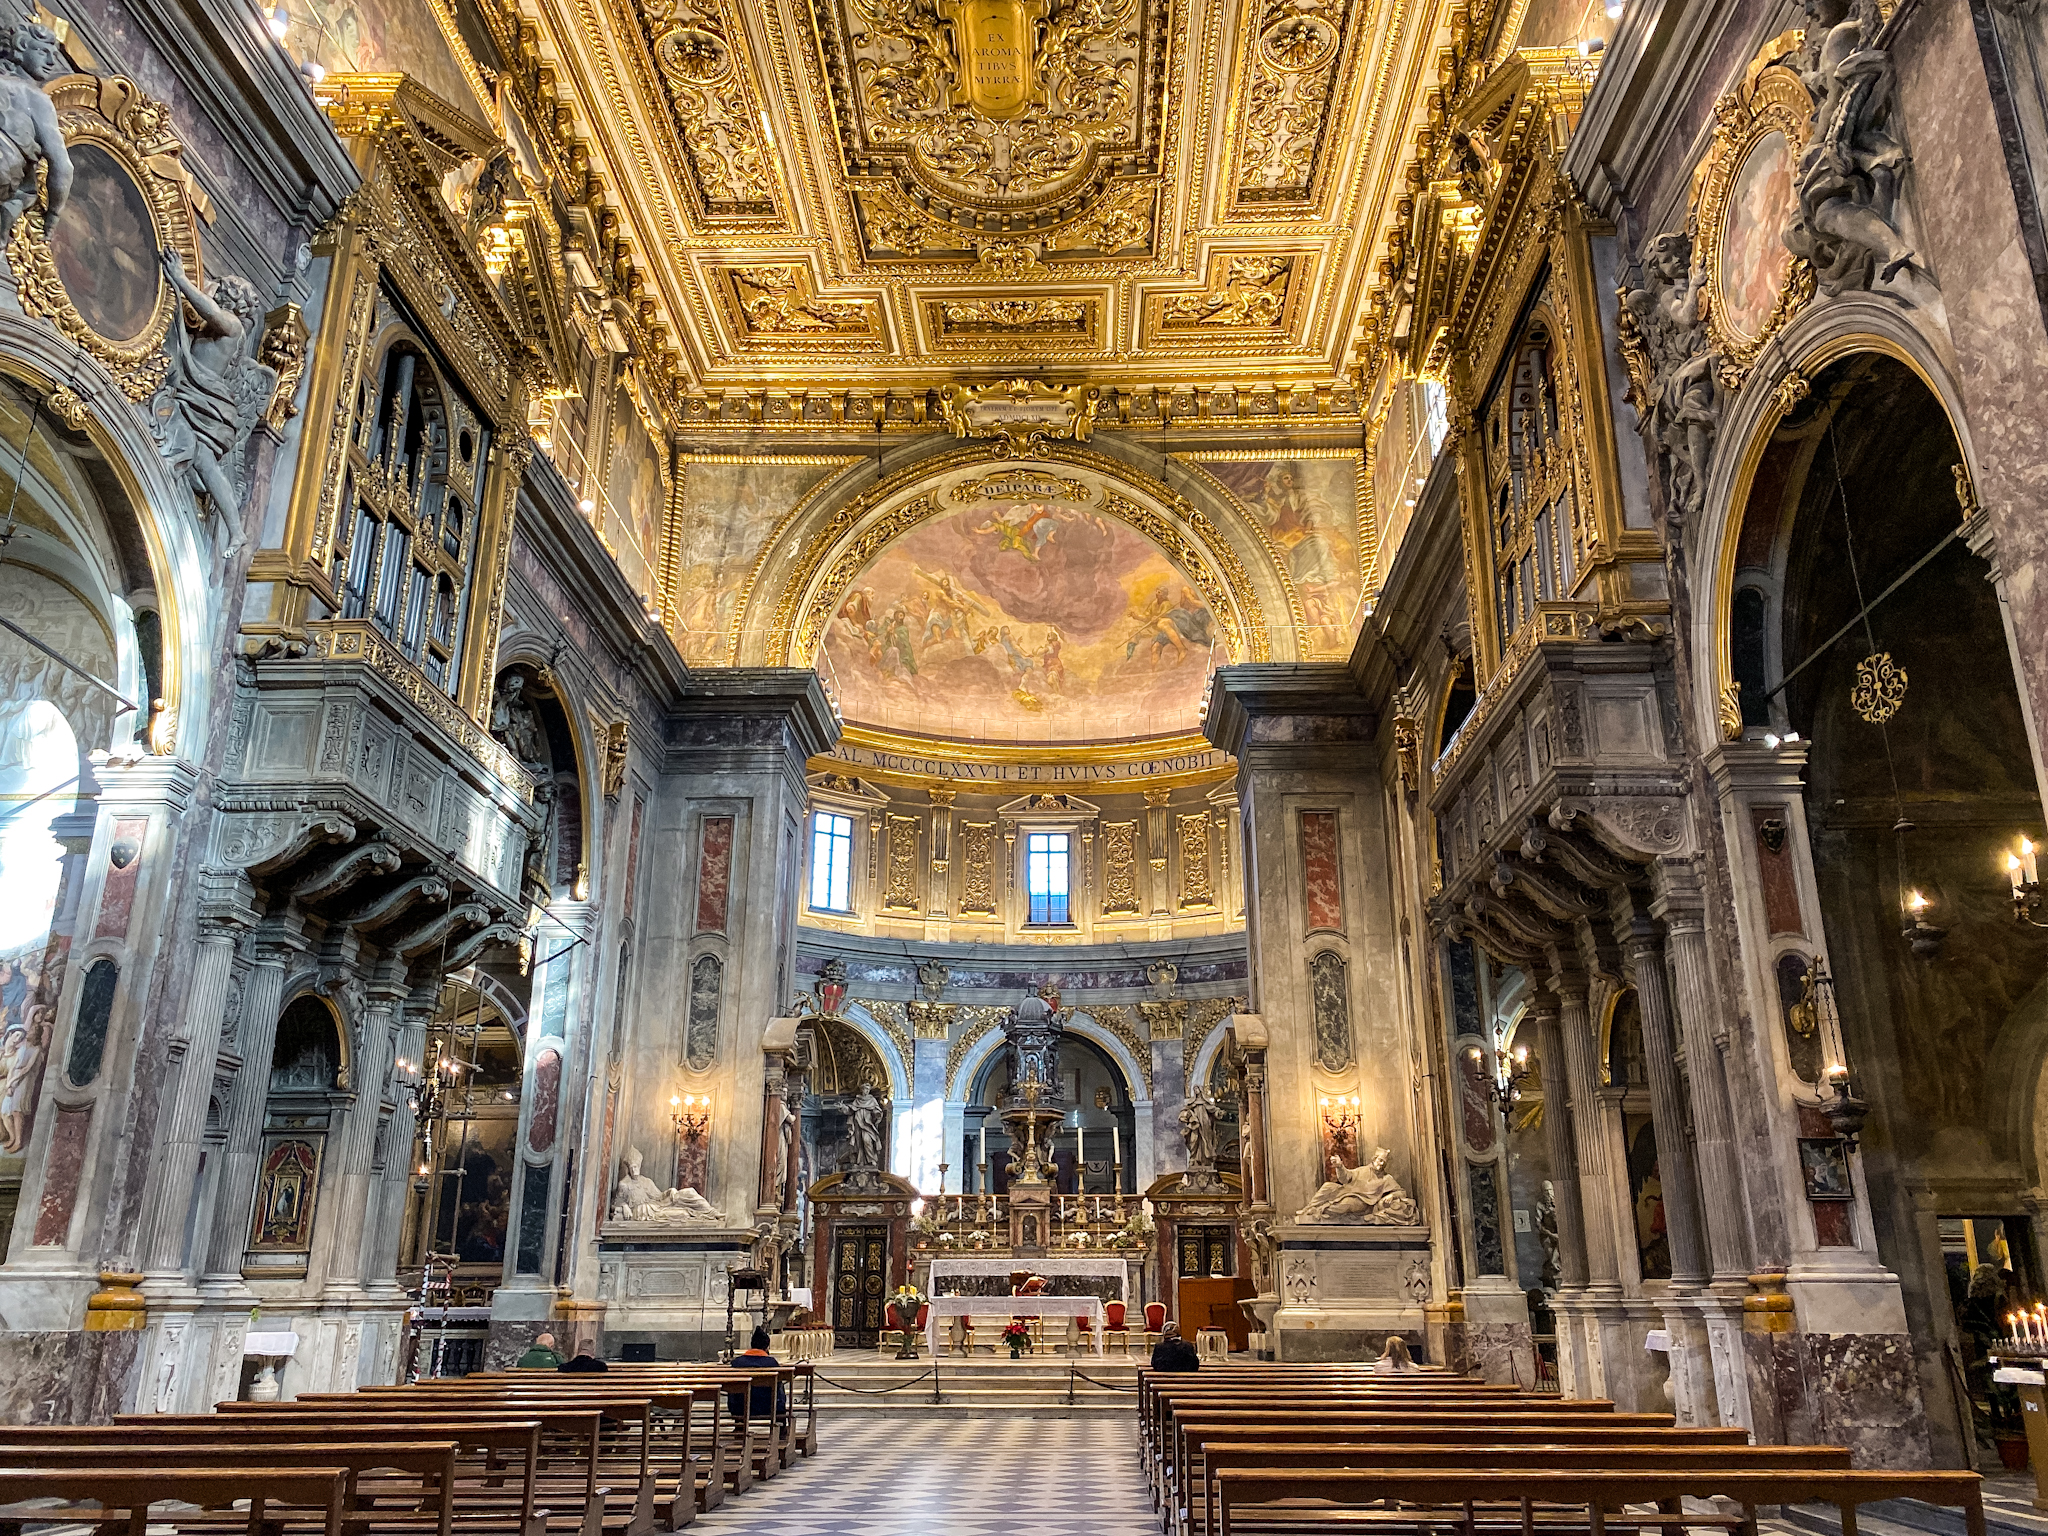 renaissance church, Basilica della Santissima Anunziata, florence italy, italian architecture, italian interior